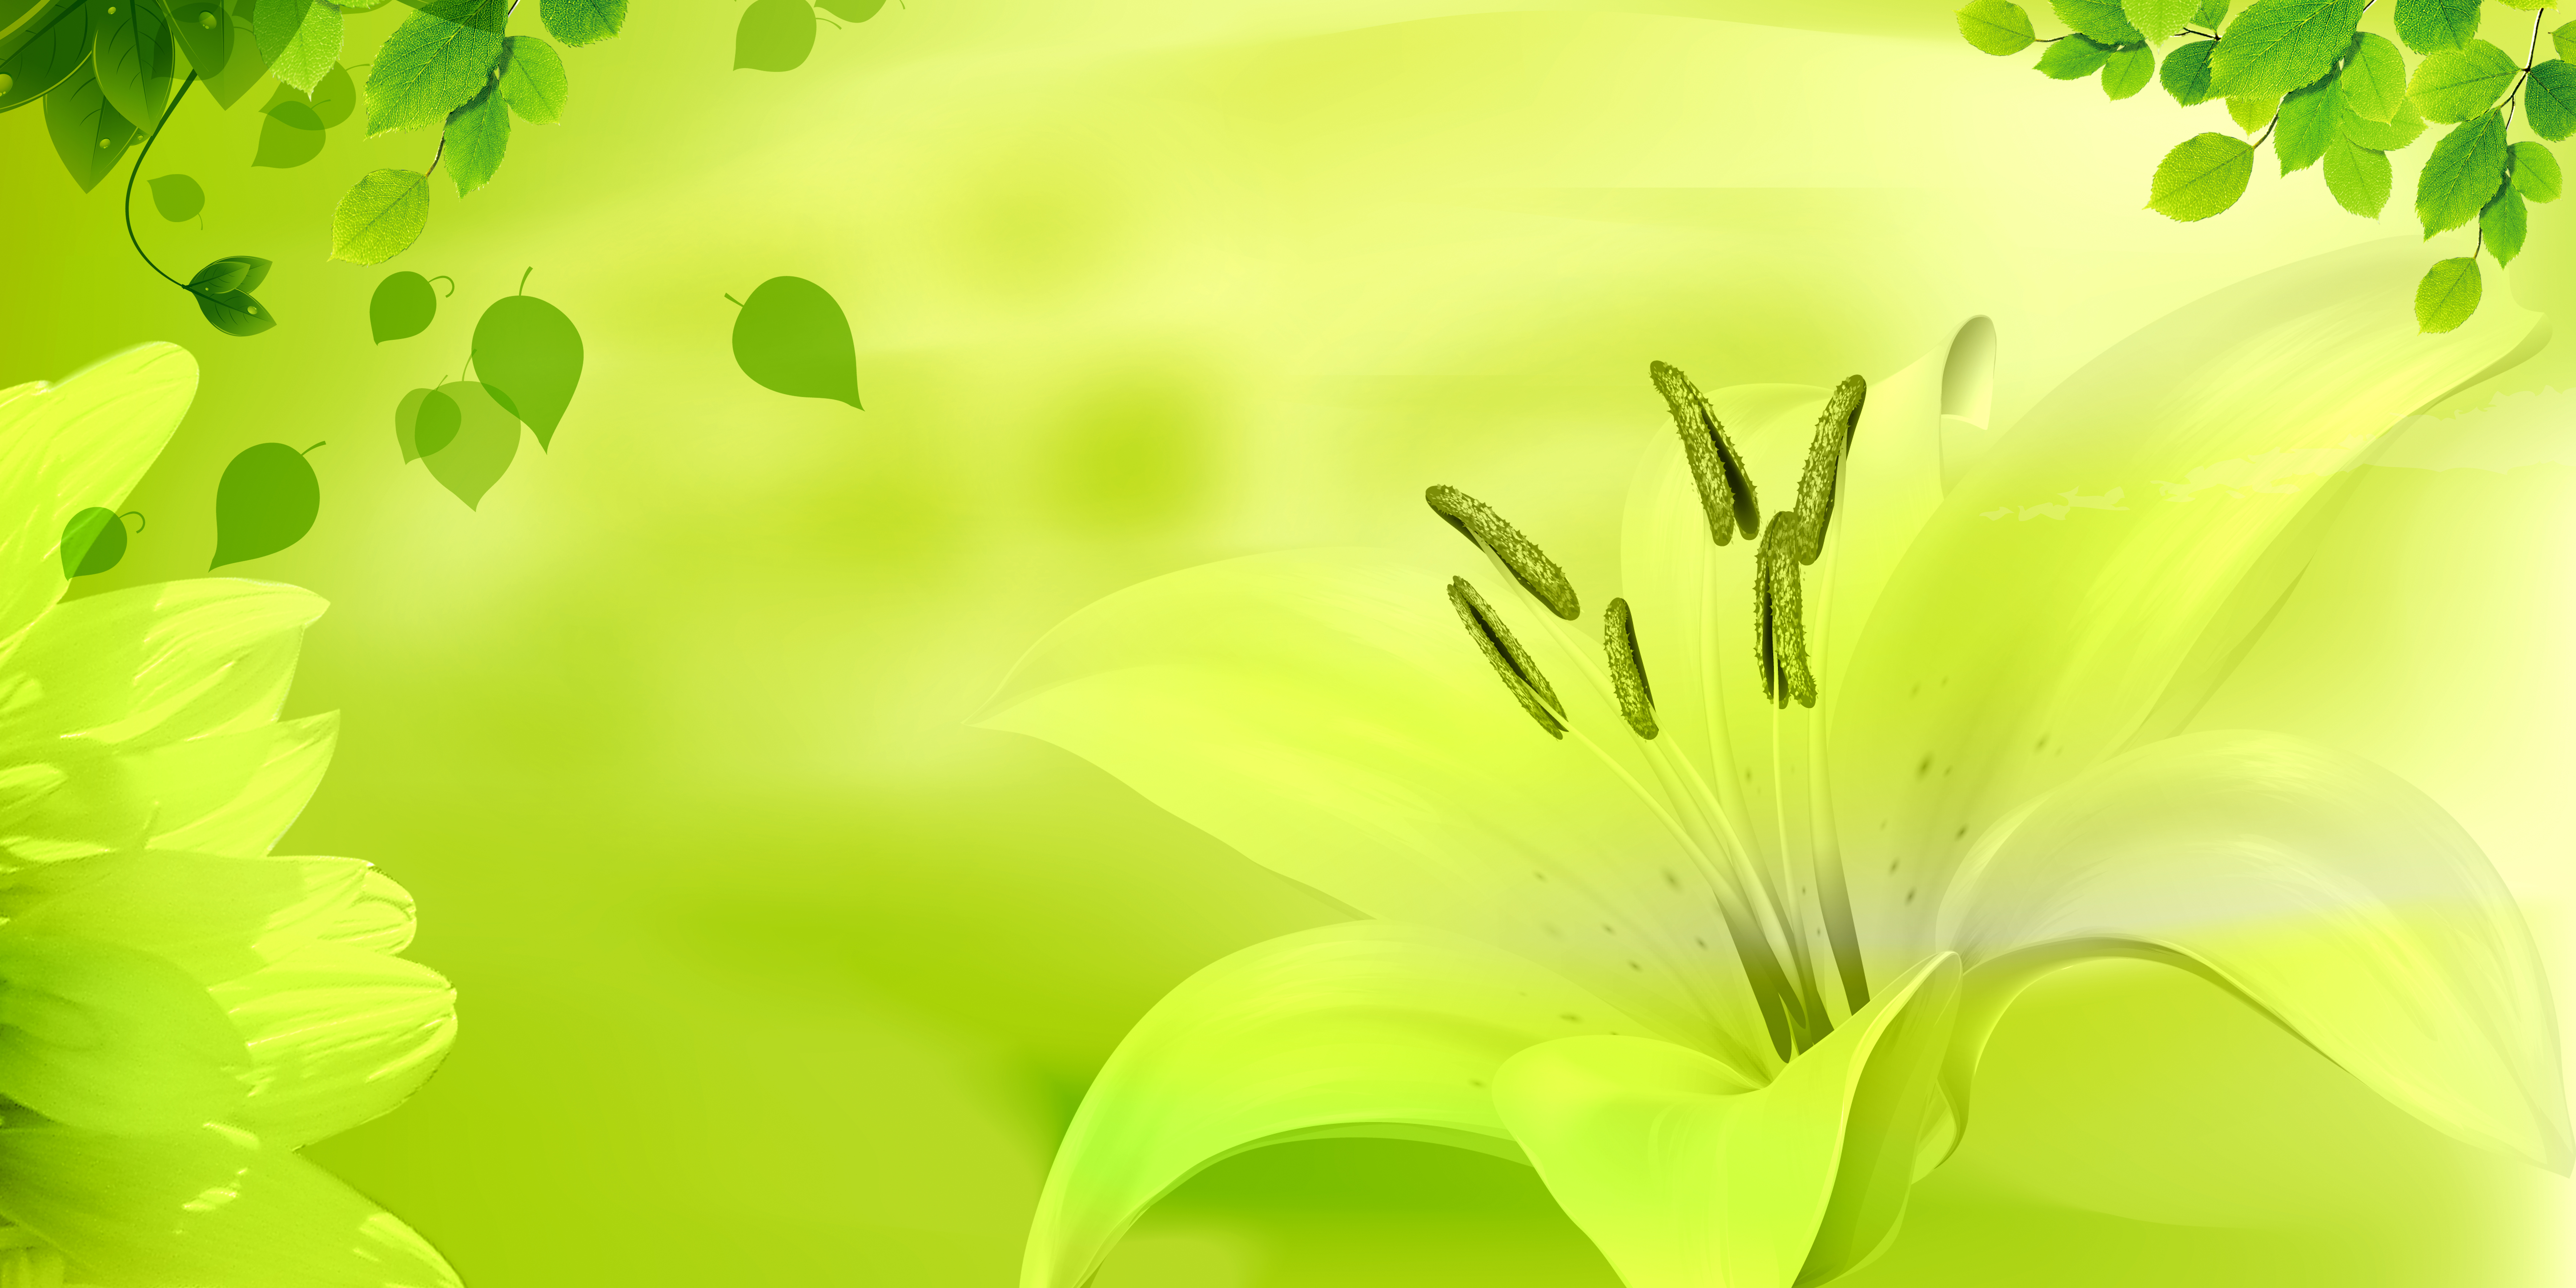 mod u00e8le esth u00e9tique cosm u00e9tique des affiches de fond jaune vert esth u00e9tique jaune vert des produits